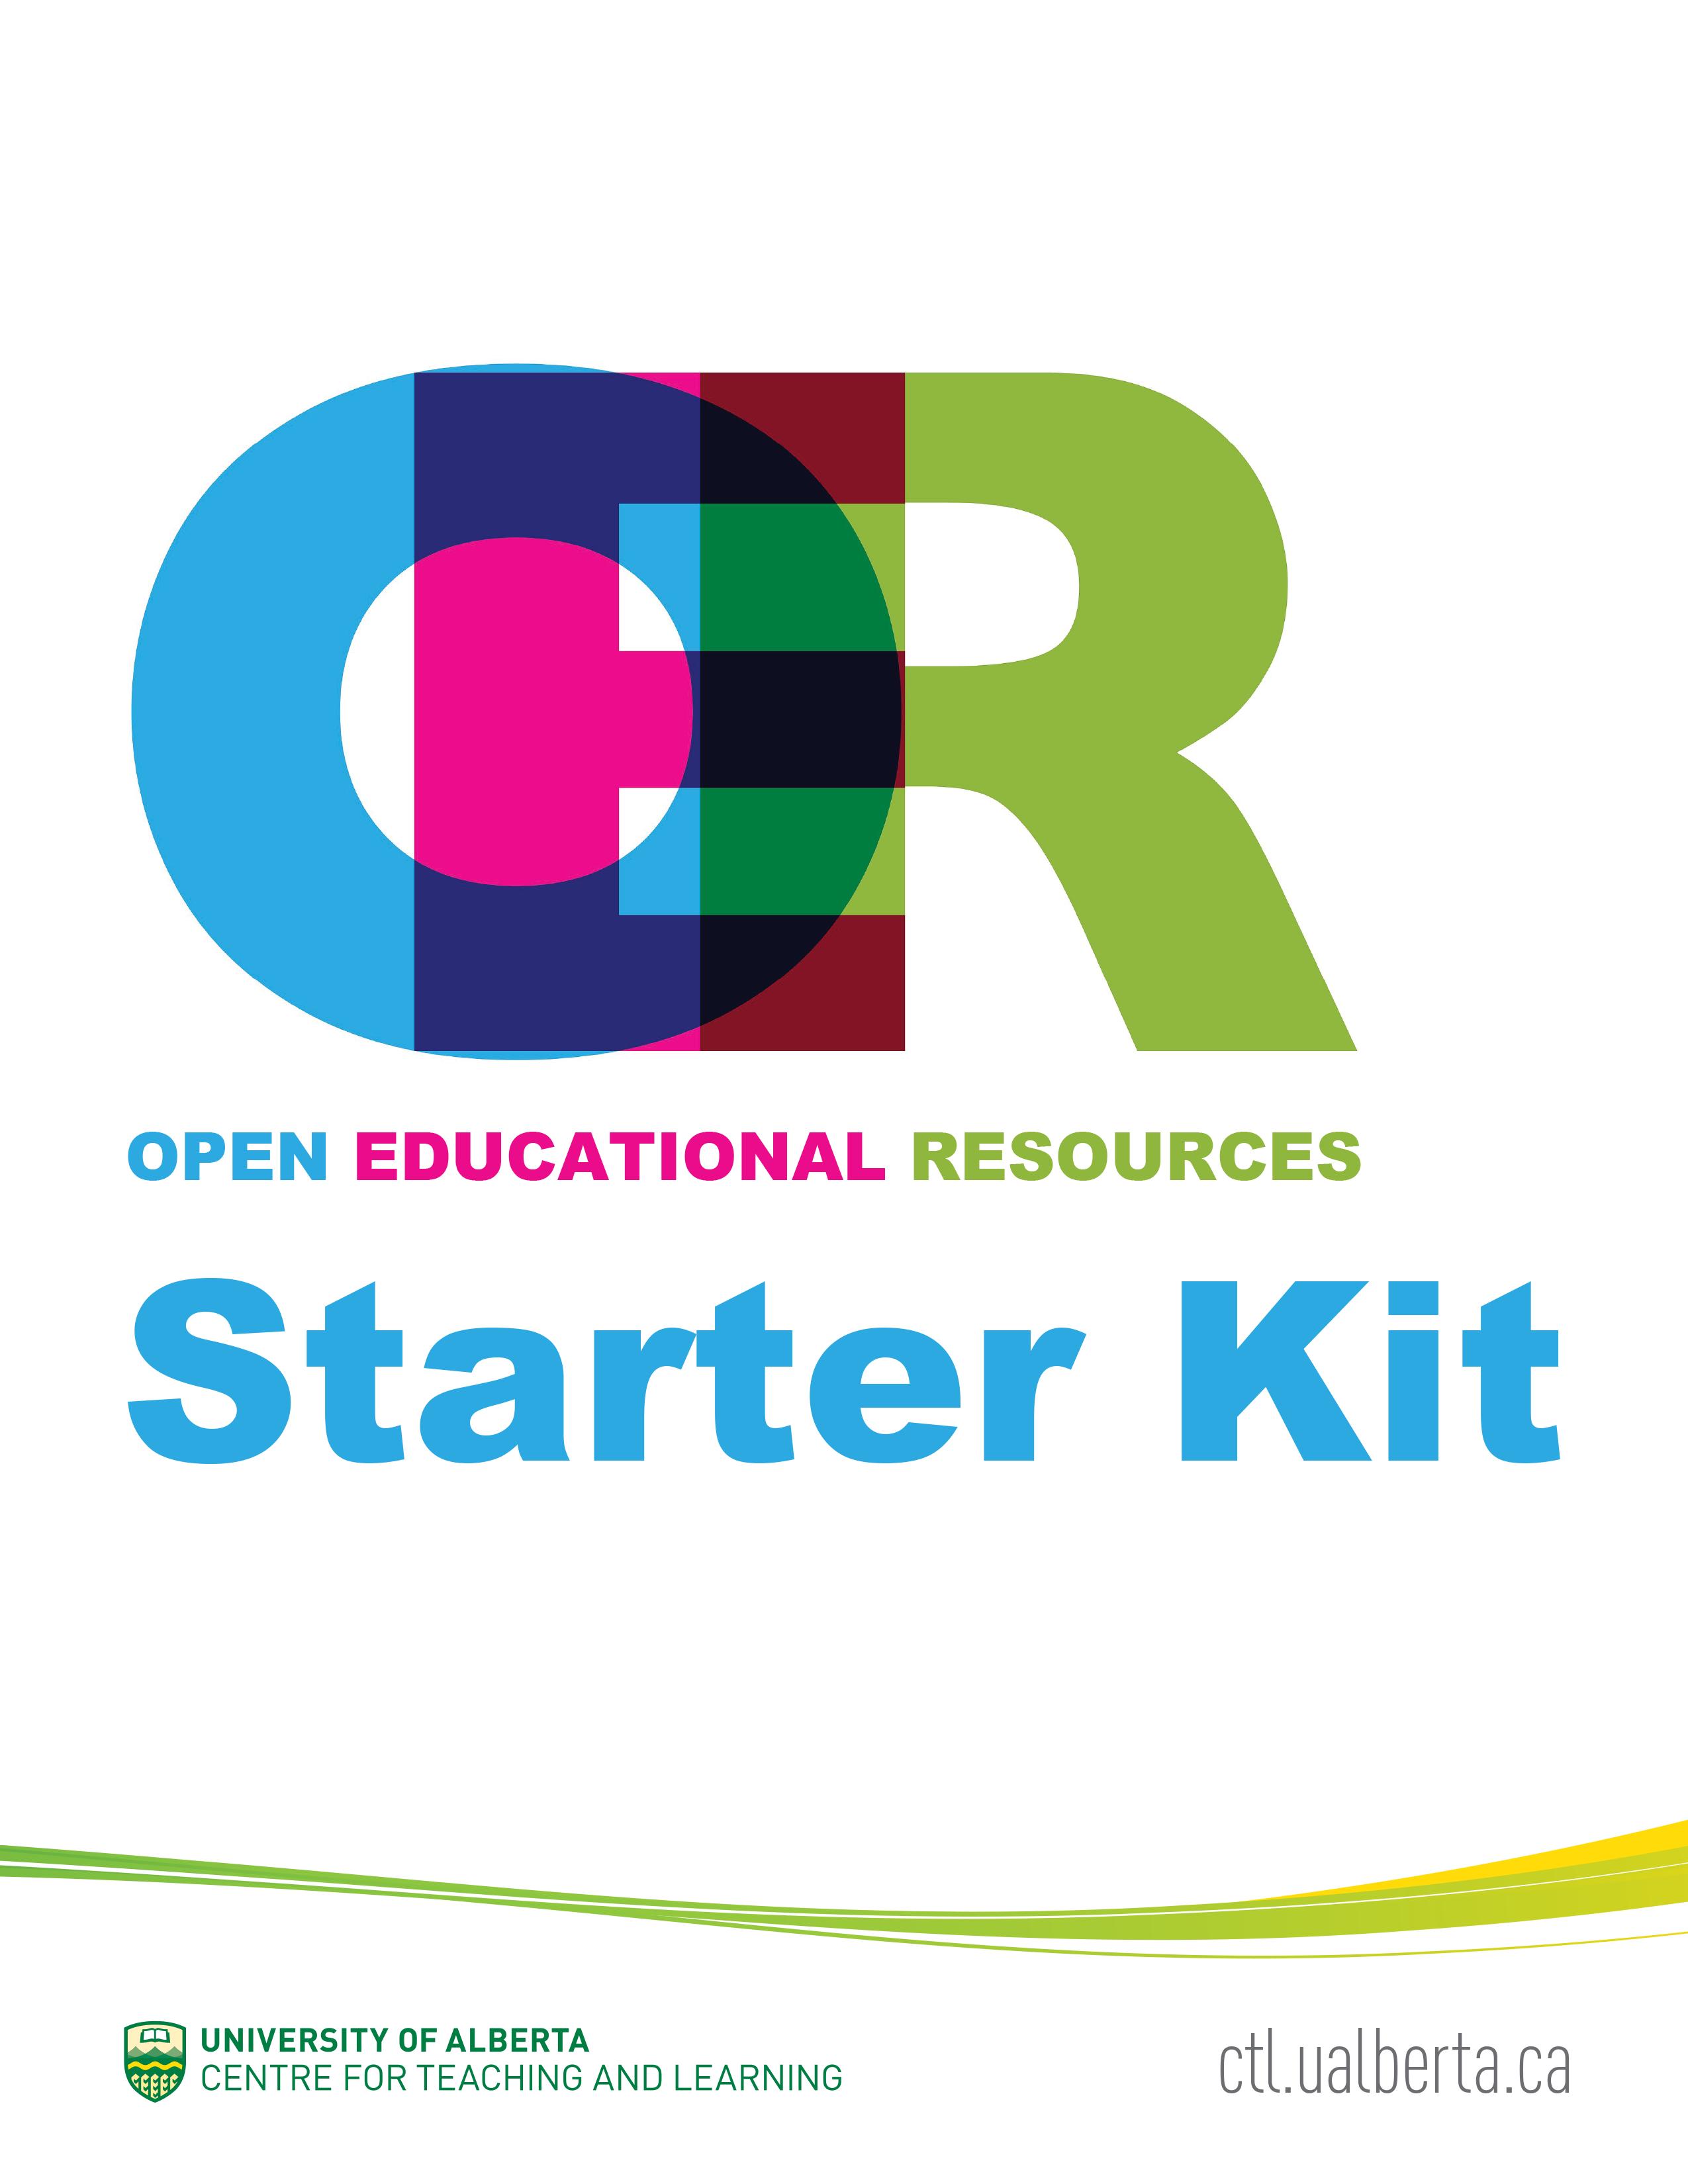 Cover image for University of Alberta OER Starter Kit